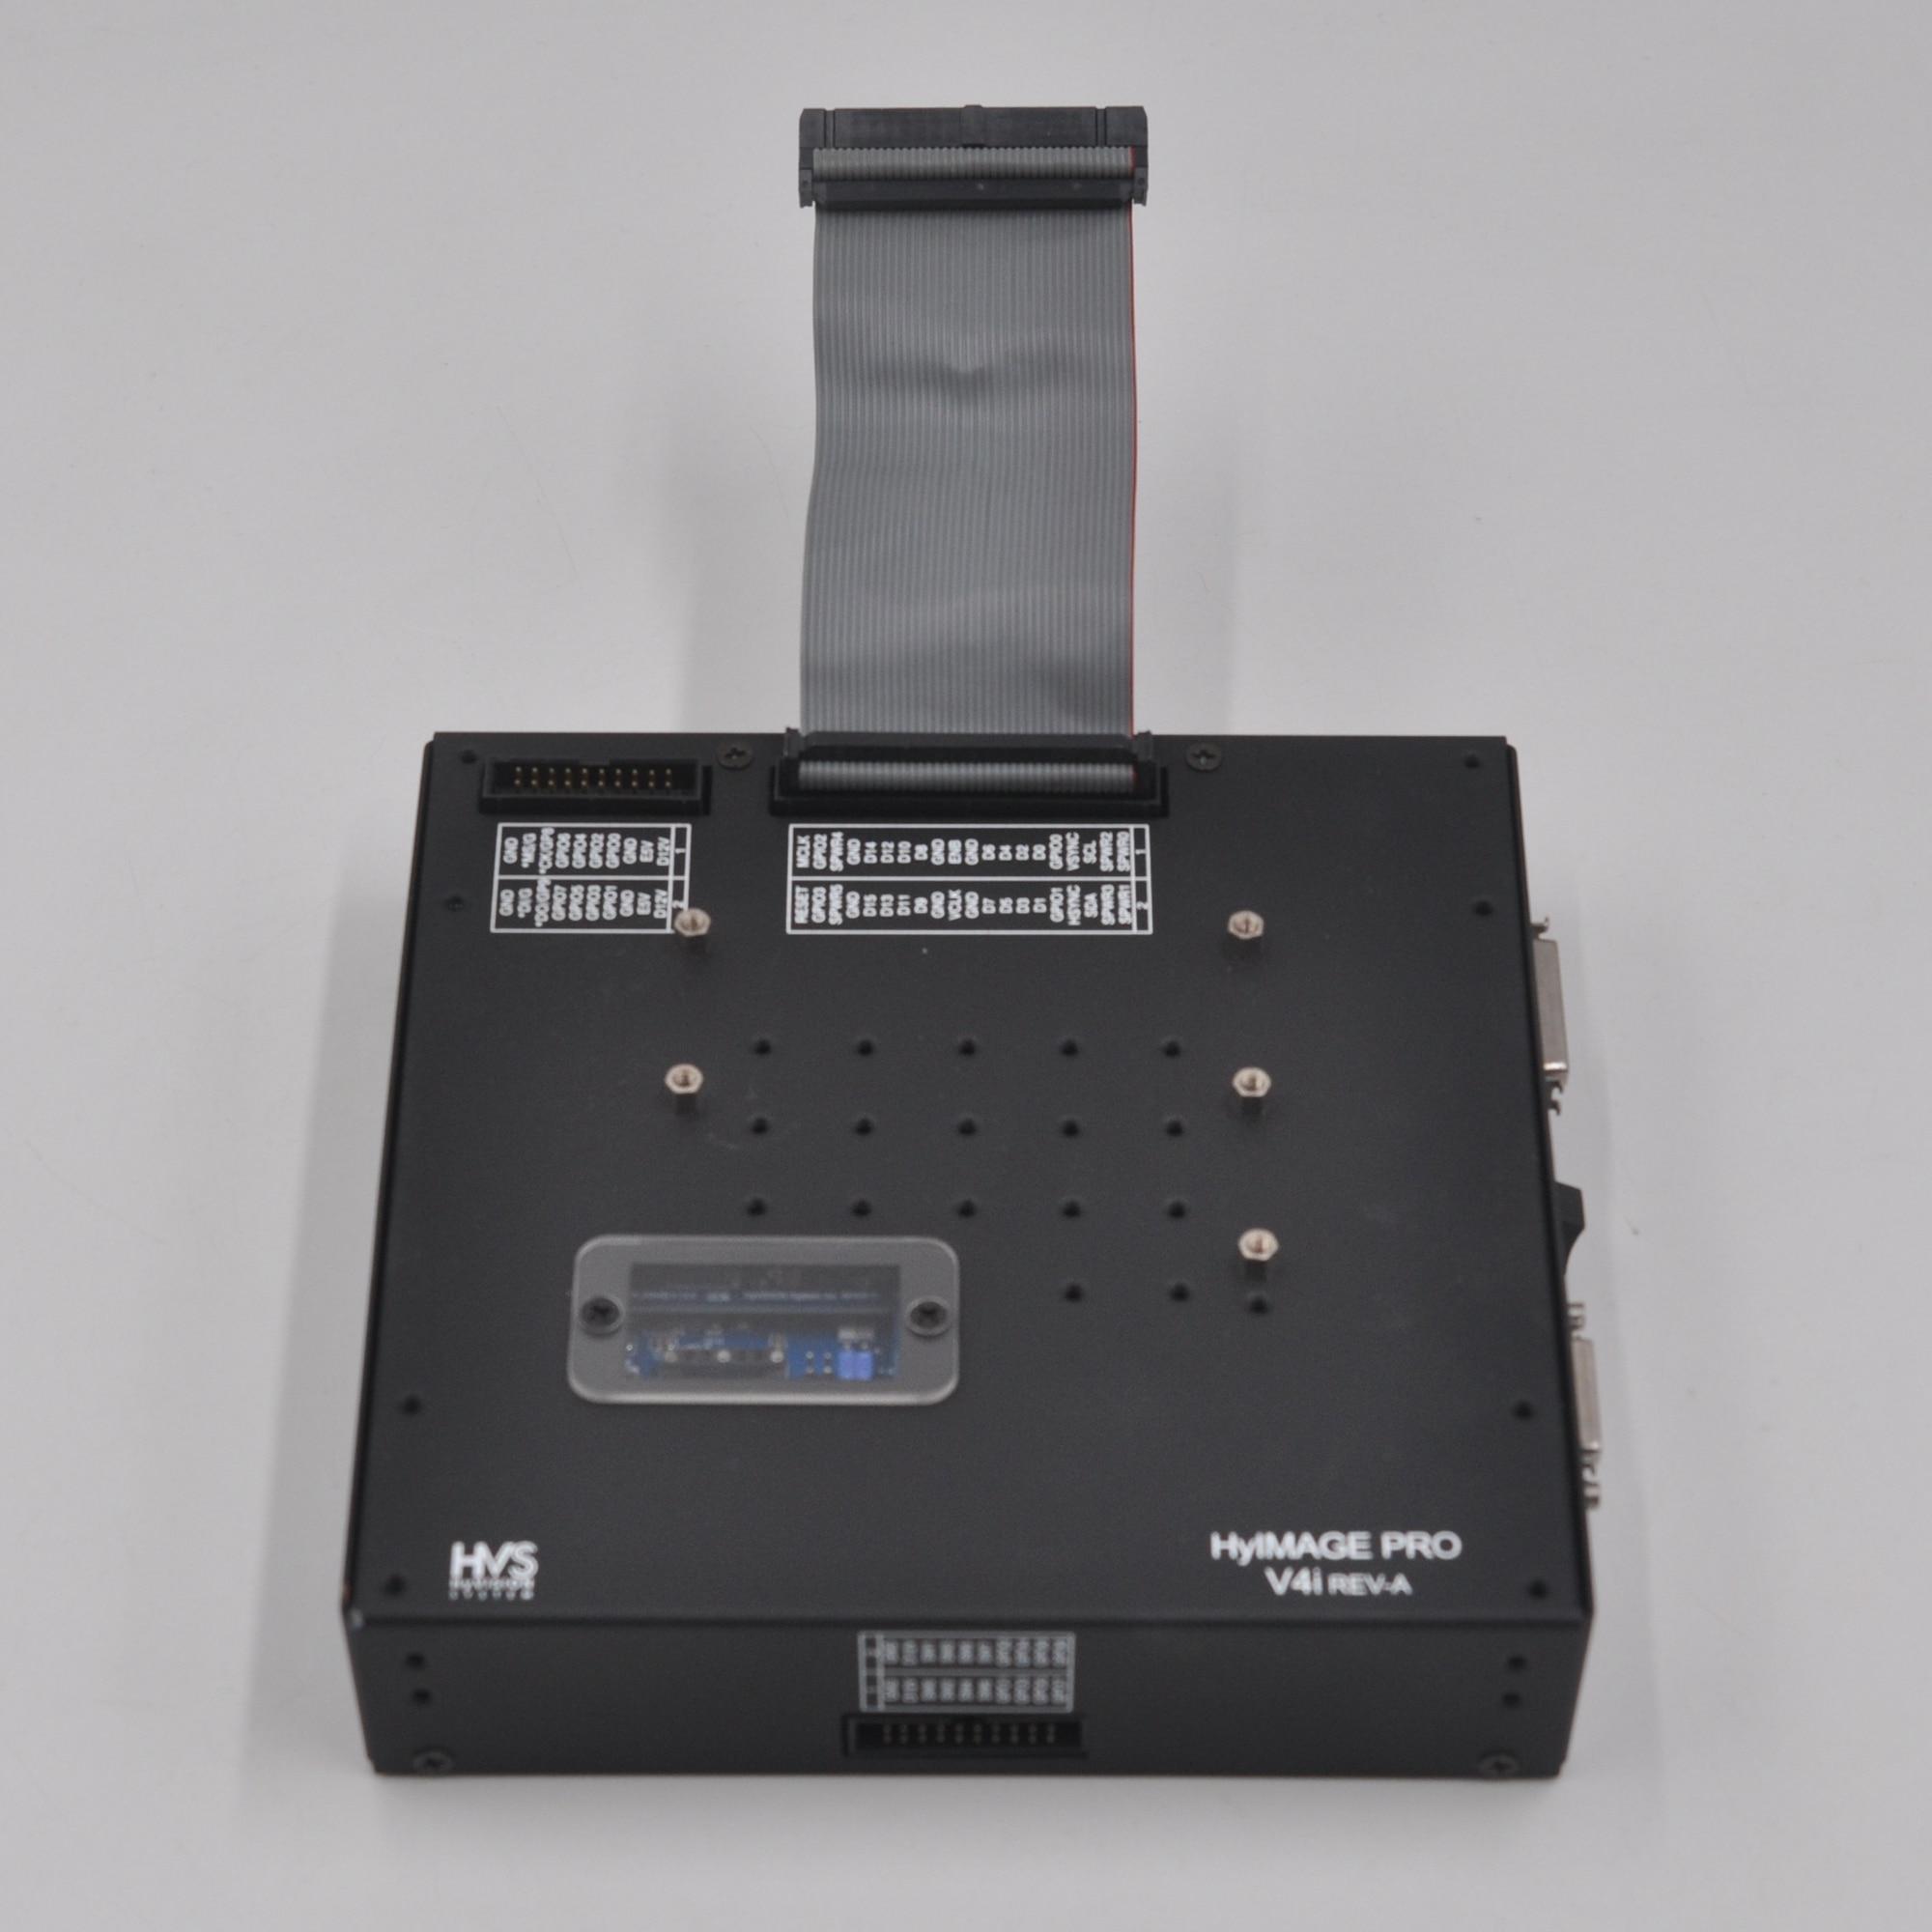 HVS HyIMAGE PRO V4i REV-A camera test system